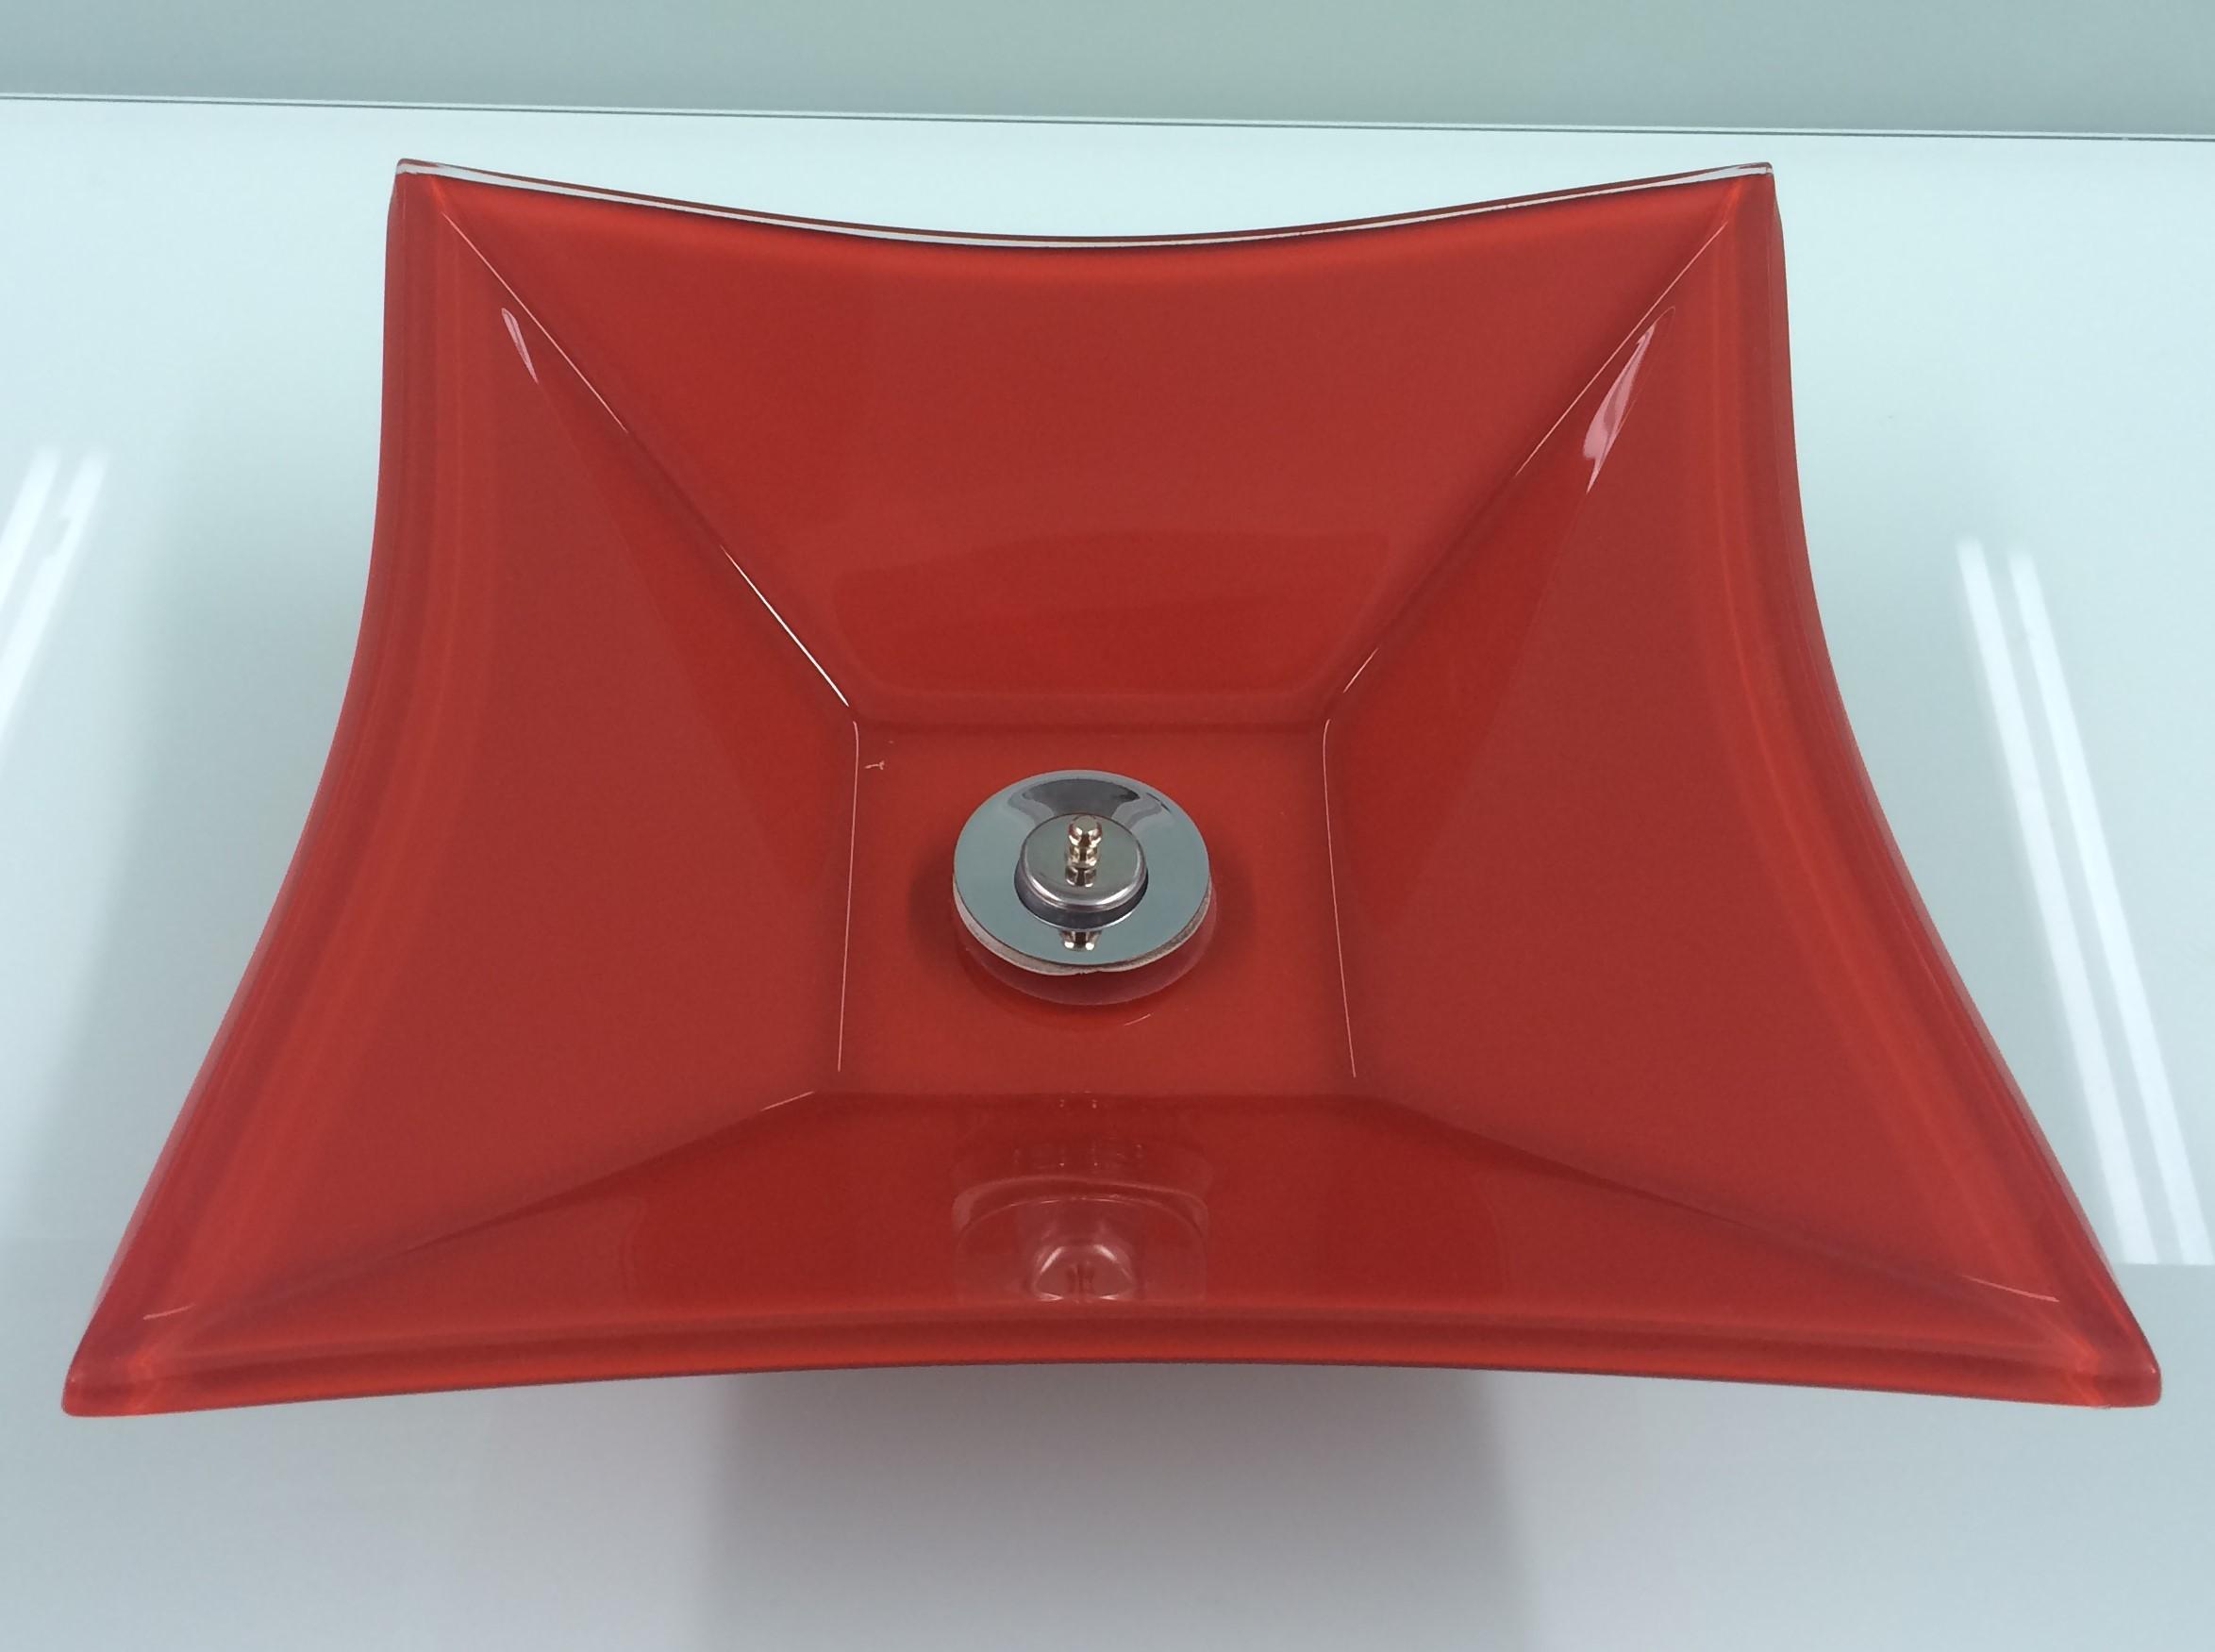 Cuba de vidro Grand Sulle 40x40 Cm Vidro Esmaltado vermelho